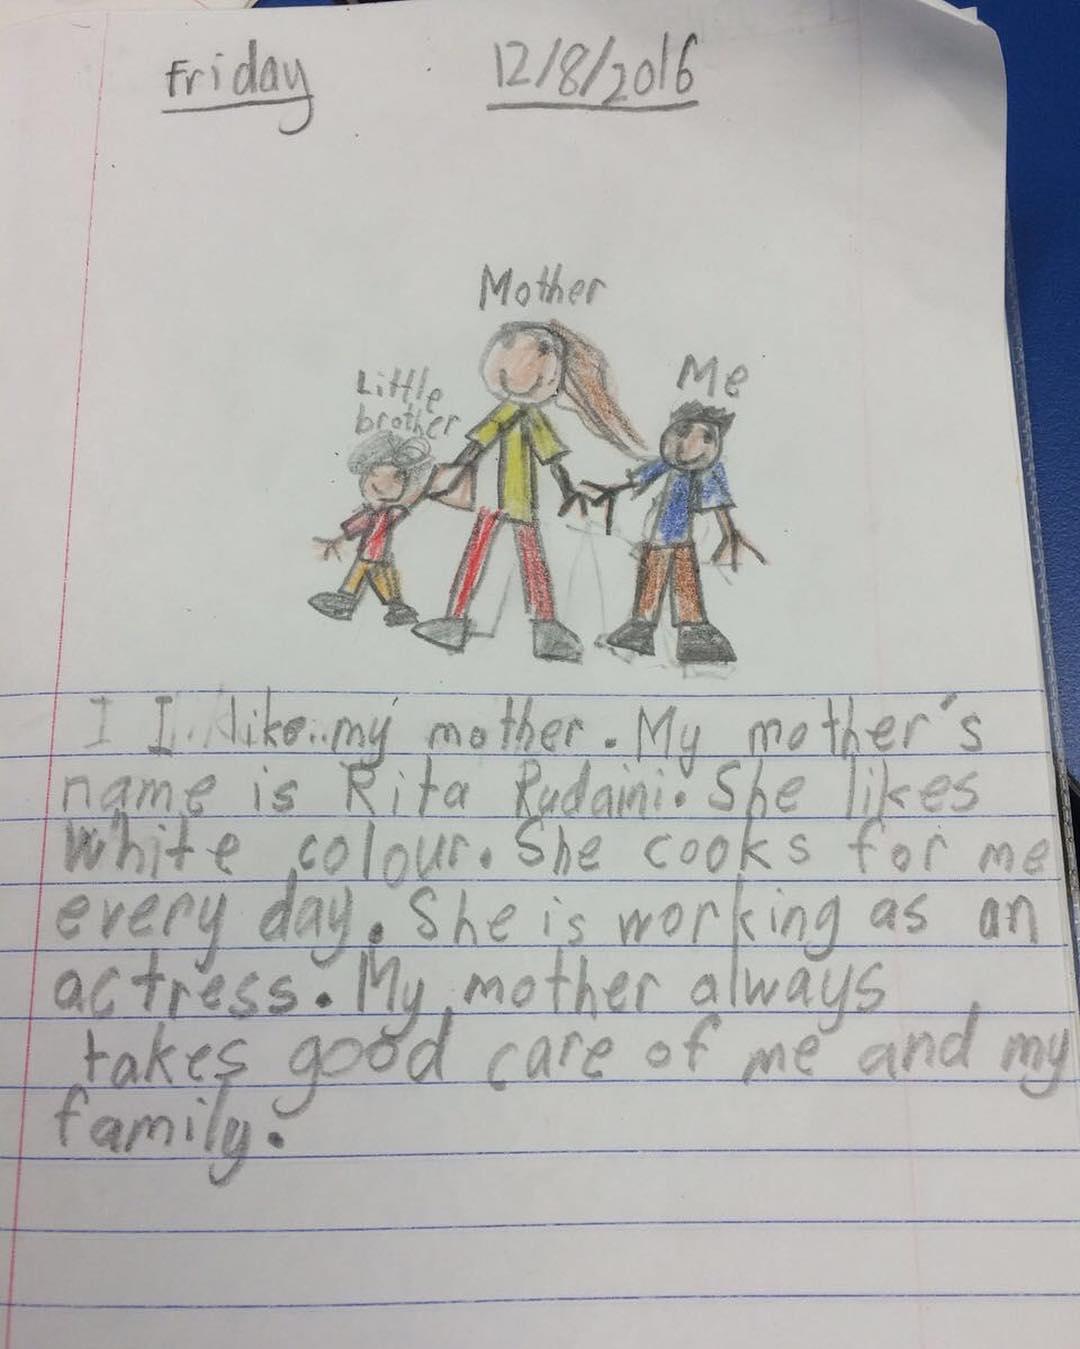 Karangan sedih dari anak Rita Rudaini